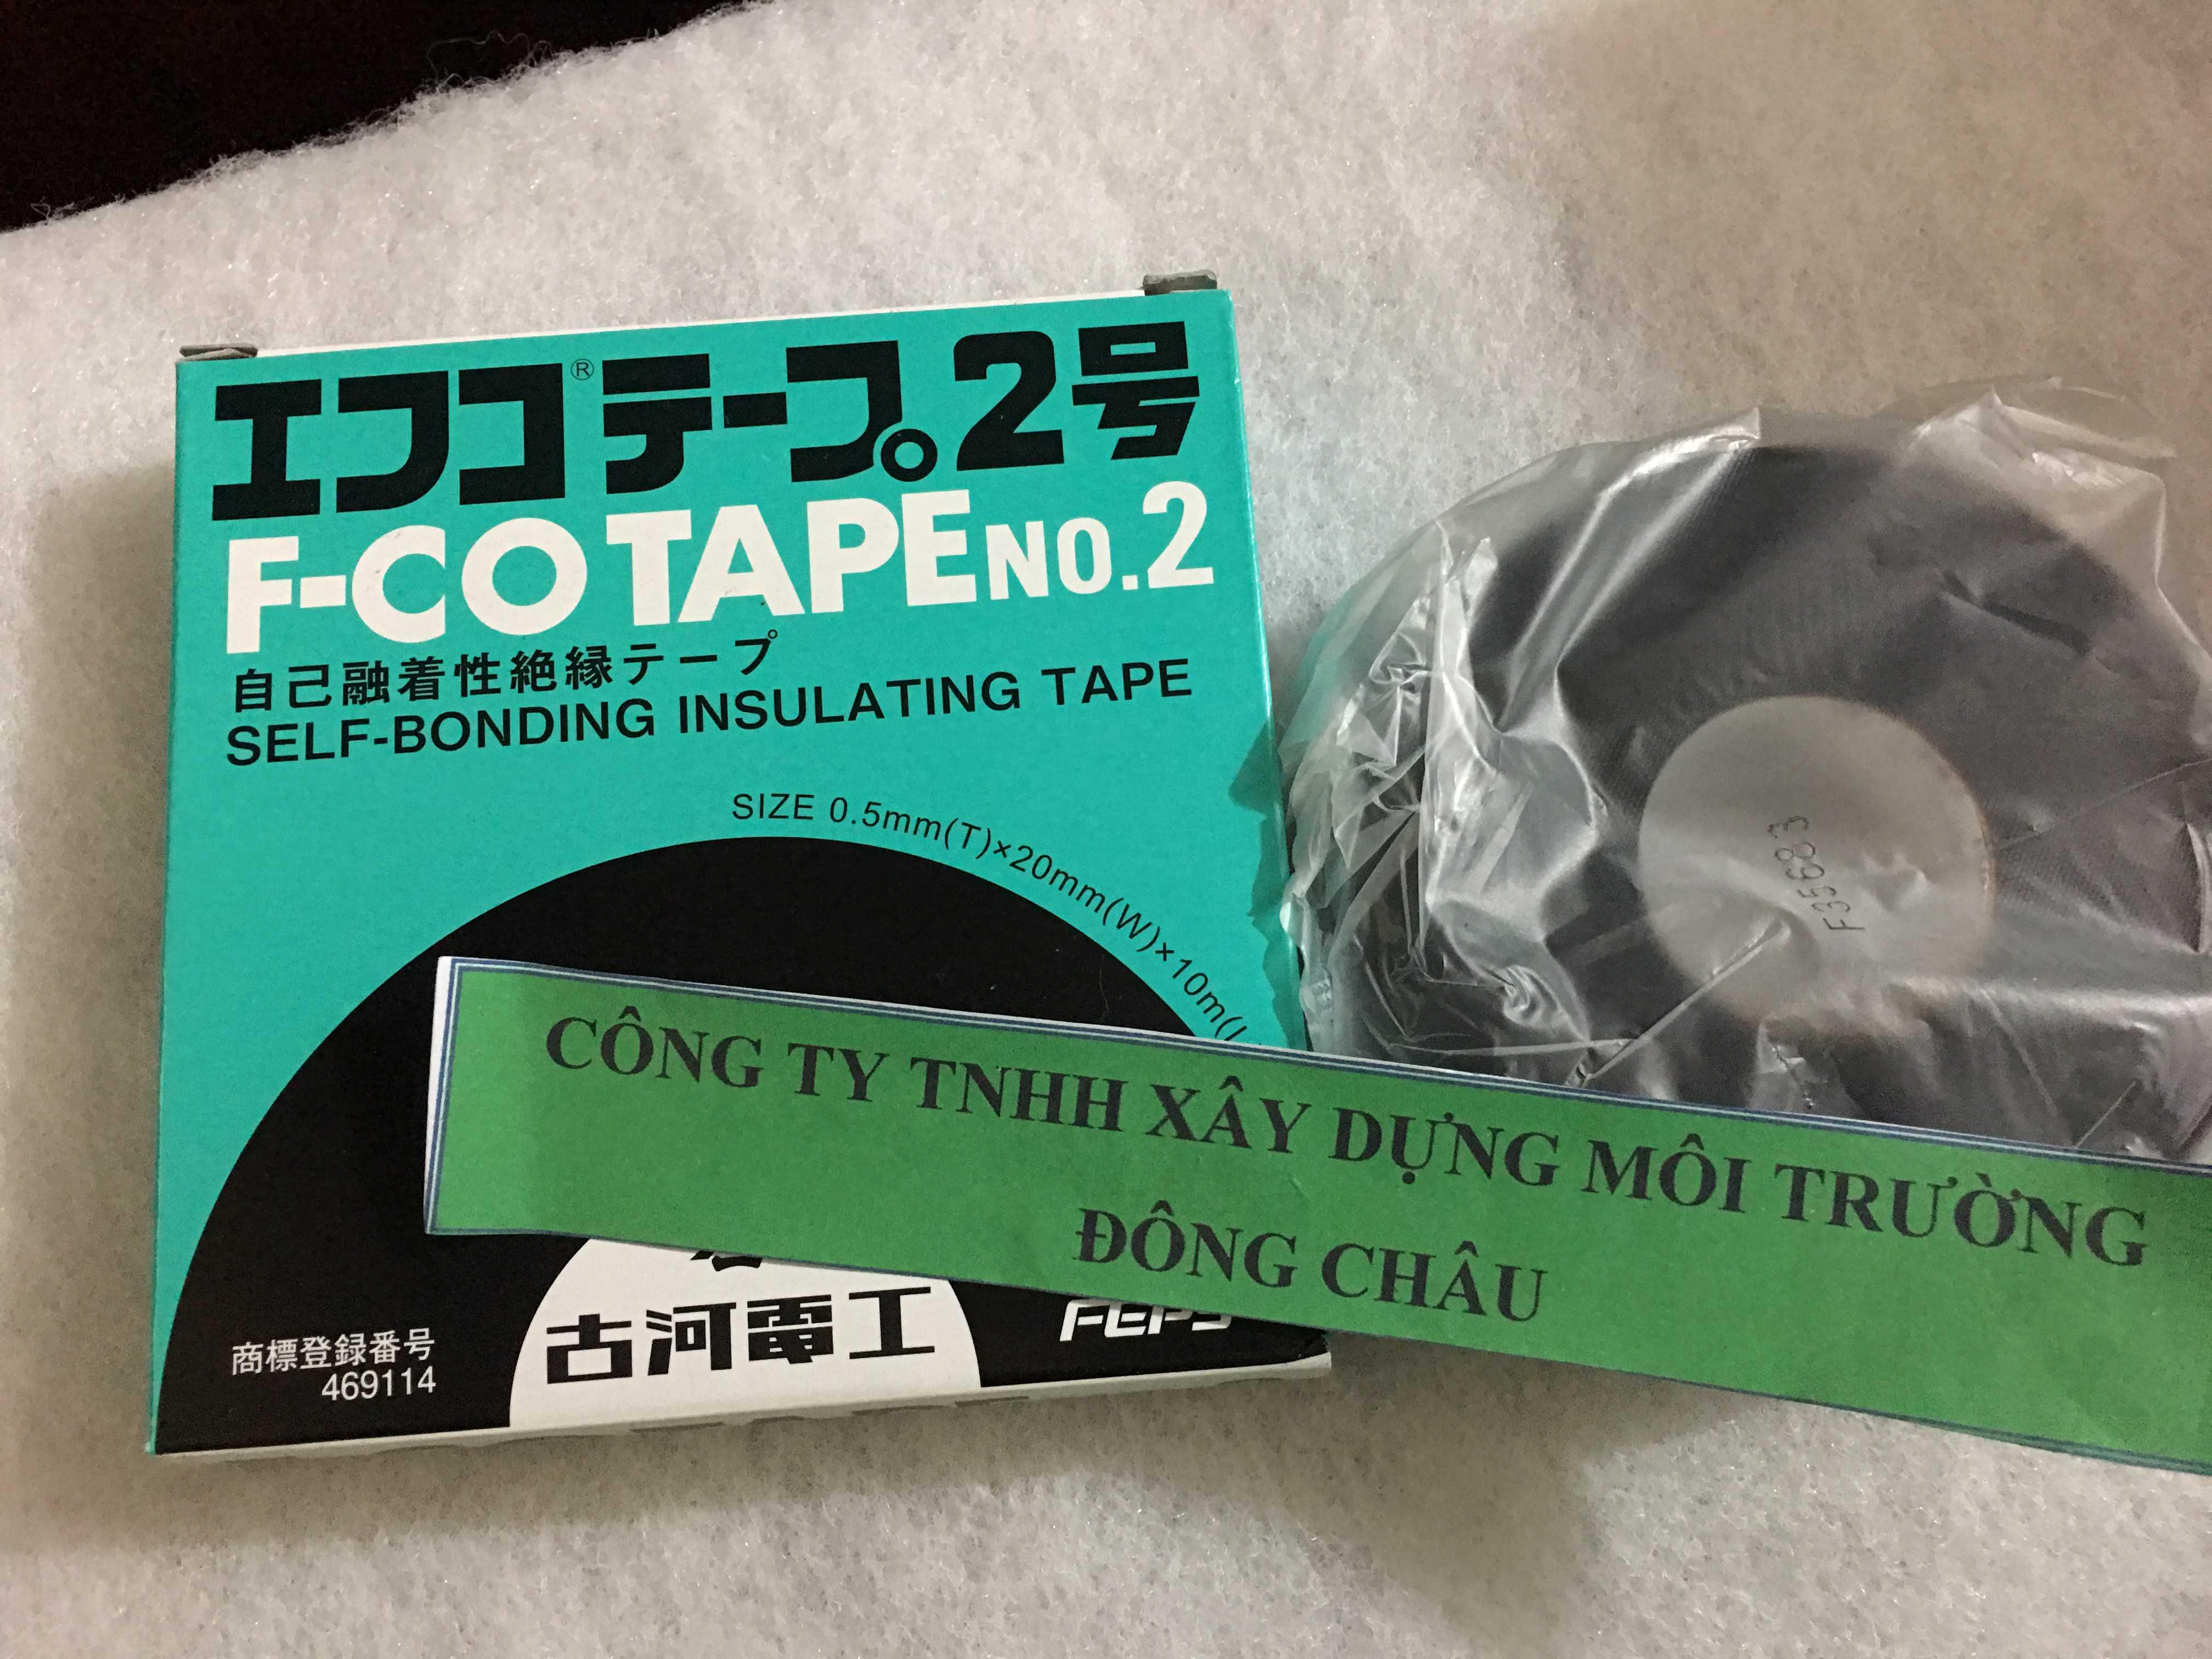 Băng keo điện FCo Tape 2 của Nhật